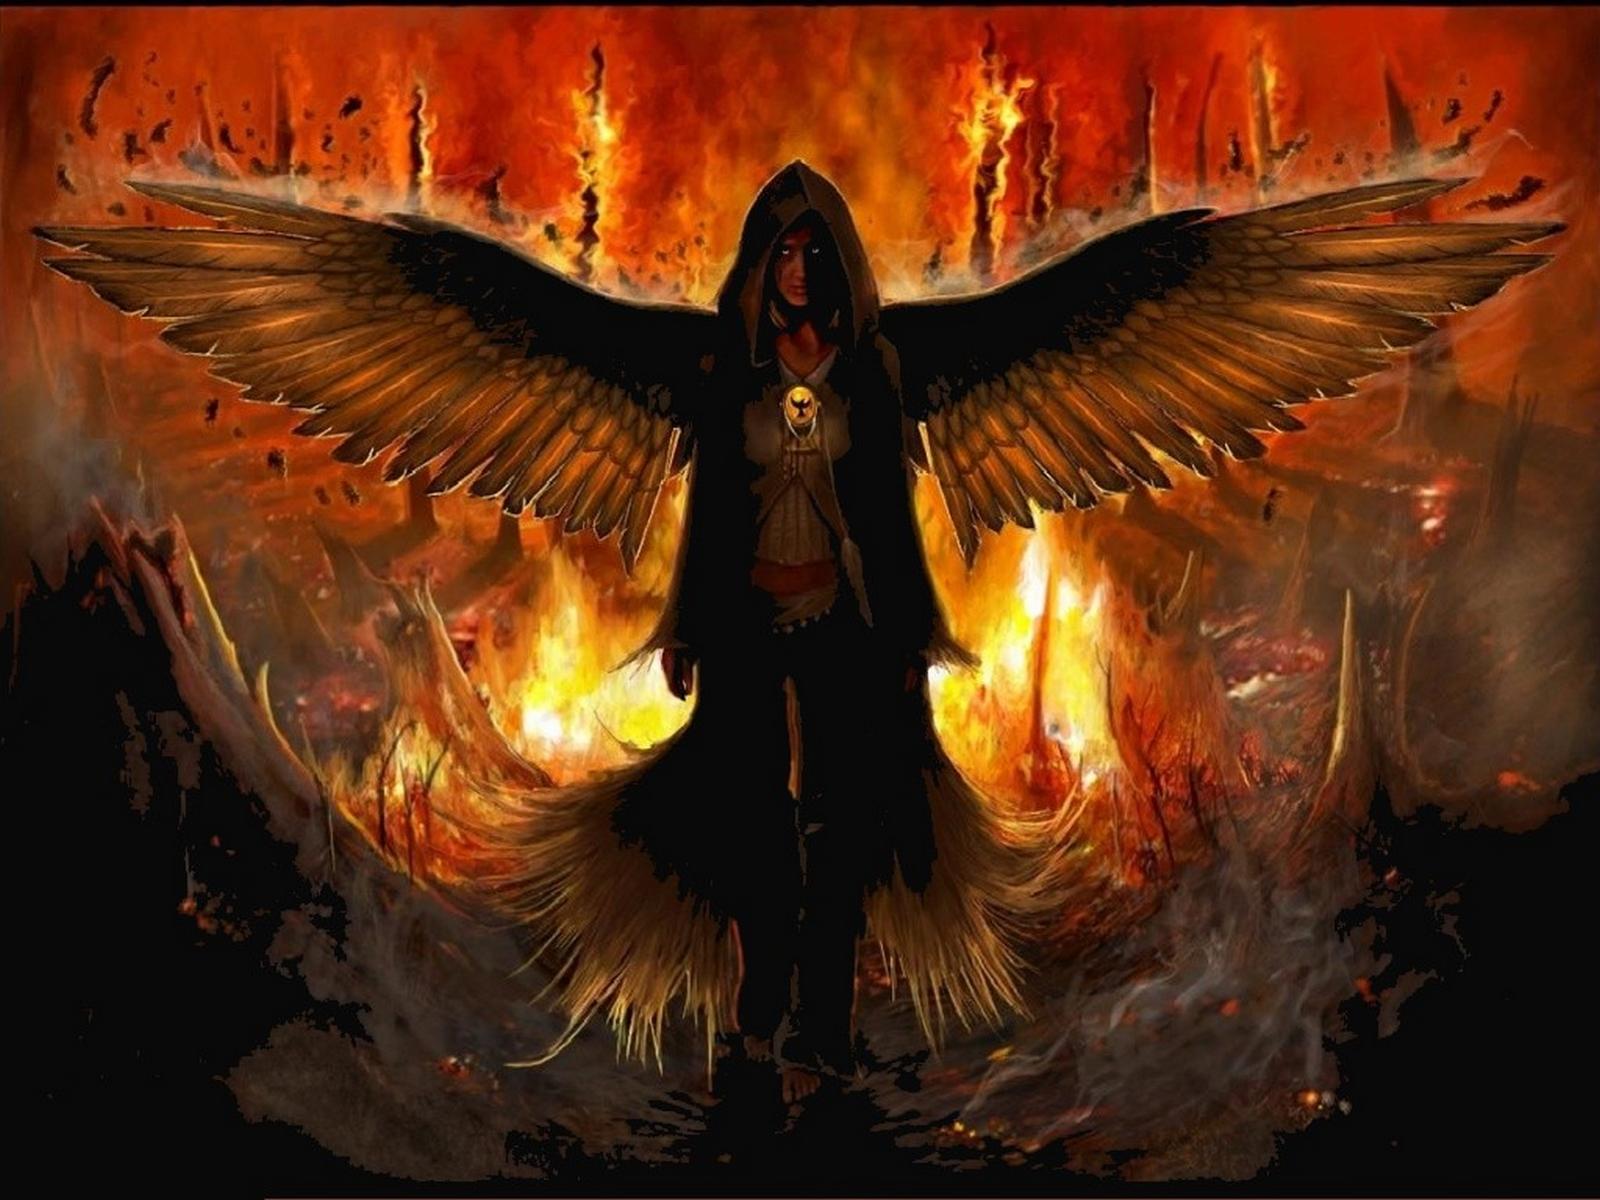 1ª Aventura - Ameaça Fantasma no Santuário - ( Final ) - Página 18 Meus-demonios-blog-goticus-eternus-www-goticuseternus-blogspot-com